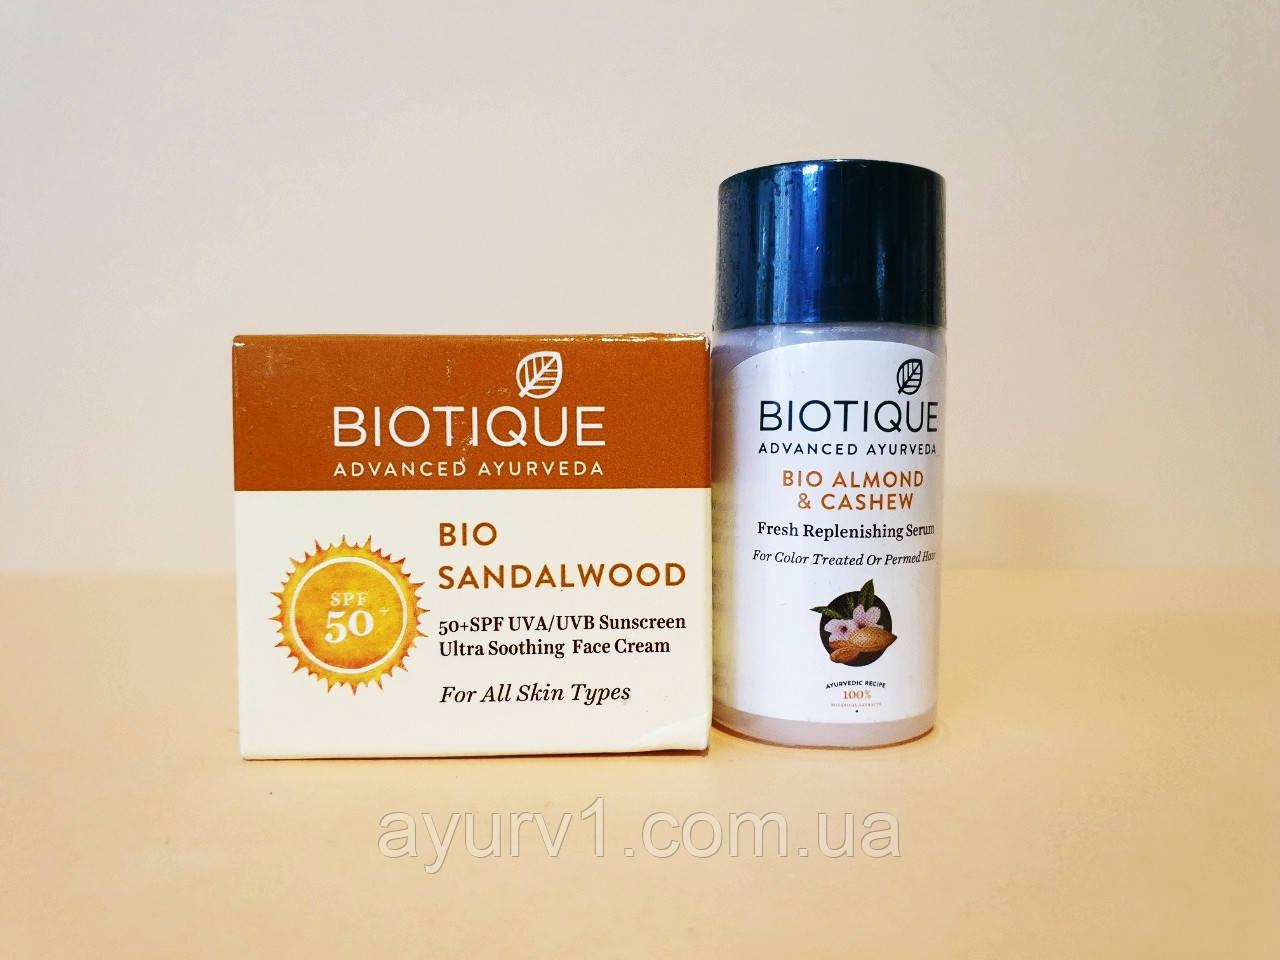 Сыворотка для волос Био Миндаль и Кешью и Био Сандал, Солнцезащитный крем с SPF 50 / Biotique